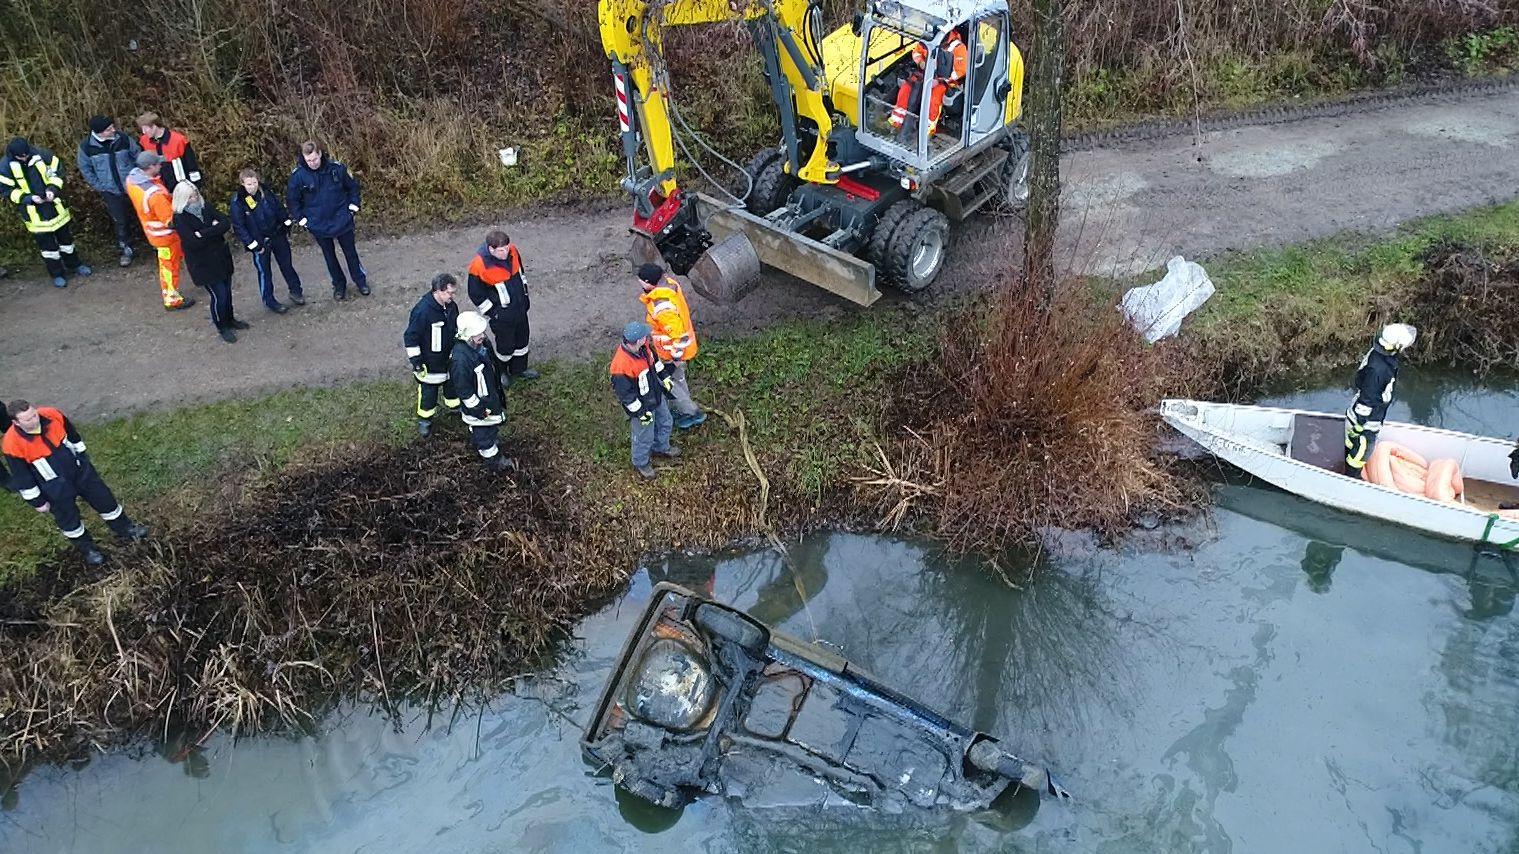 Feuerwehr und Wasserwacht haben ein knapp 20 Jahre altes Autowrack aus einem Weiher bei Stephansposching (Lkr. Deggendorf) geborgen.